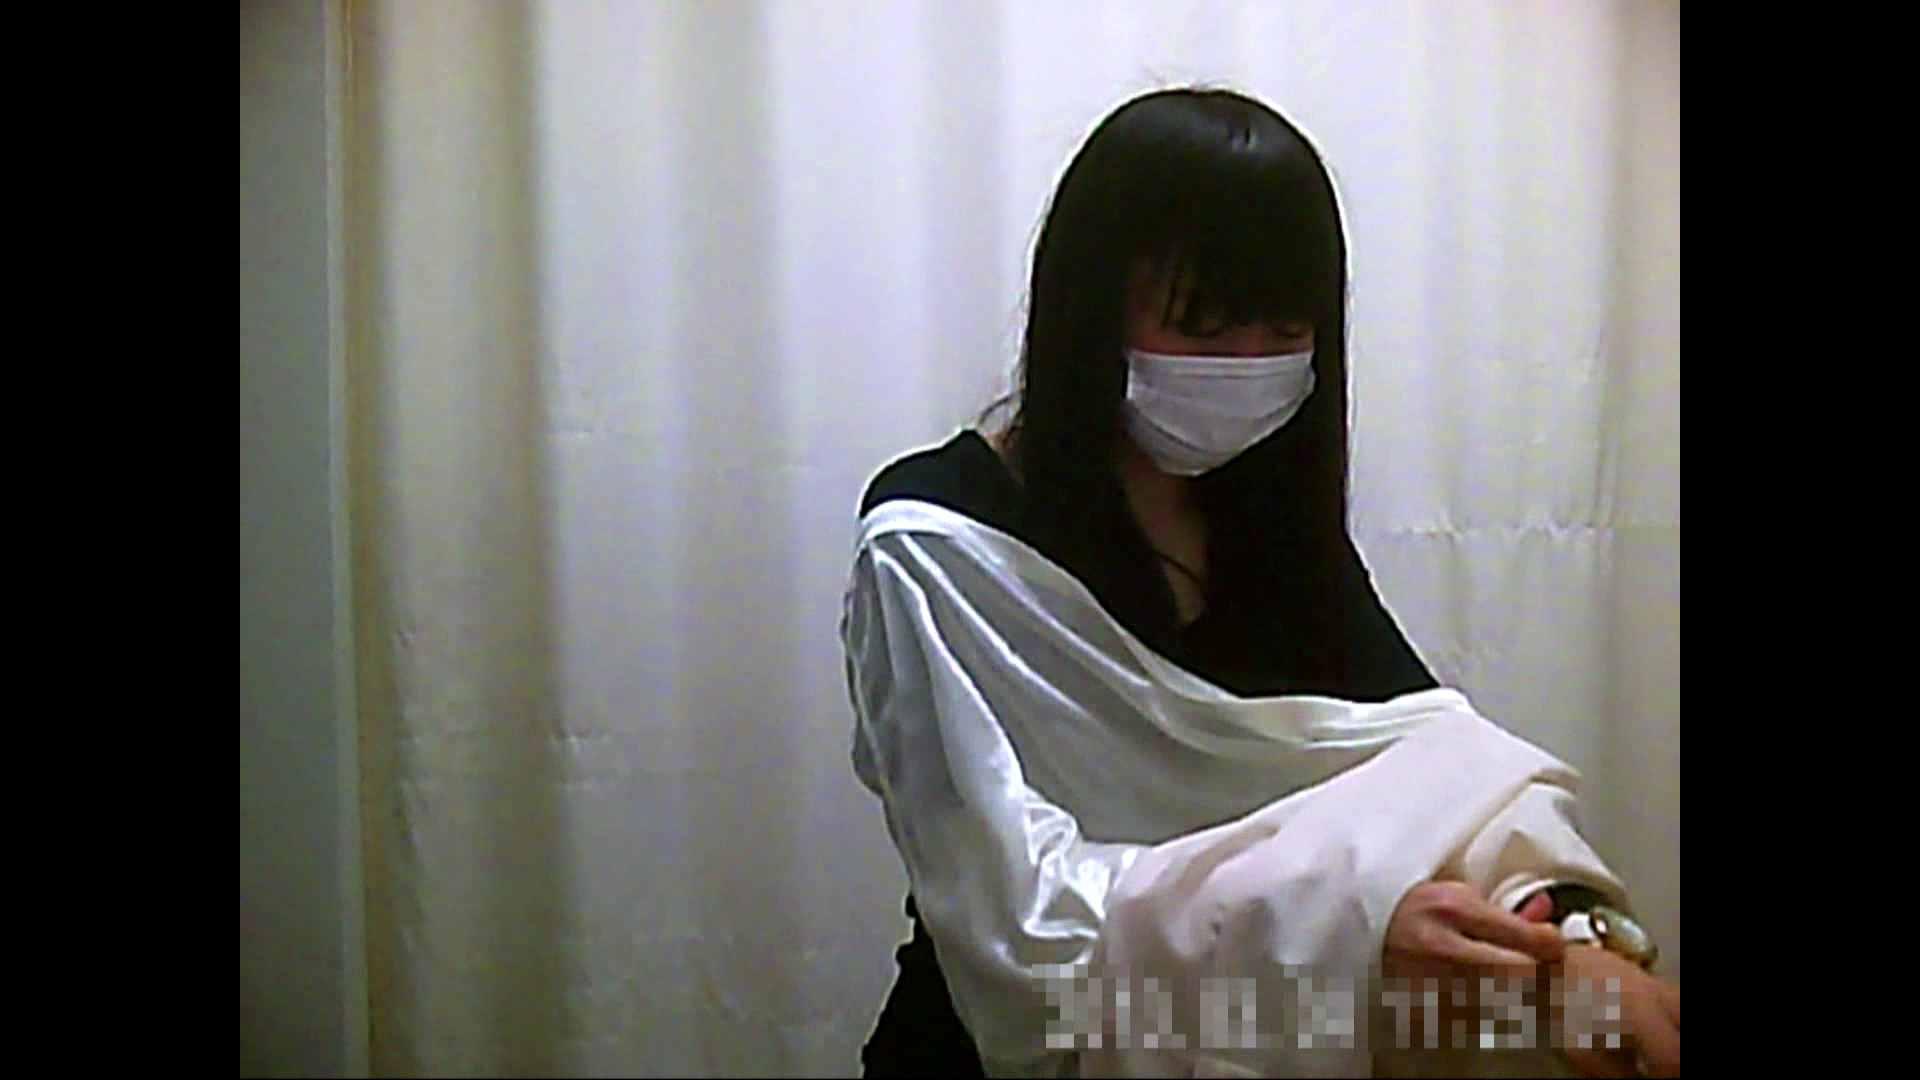 元医者による反抗 更衣室地獄絵巻 vol.103 OL  100pic 89